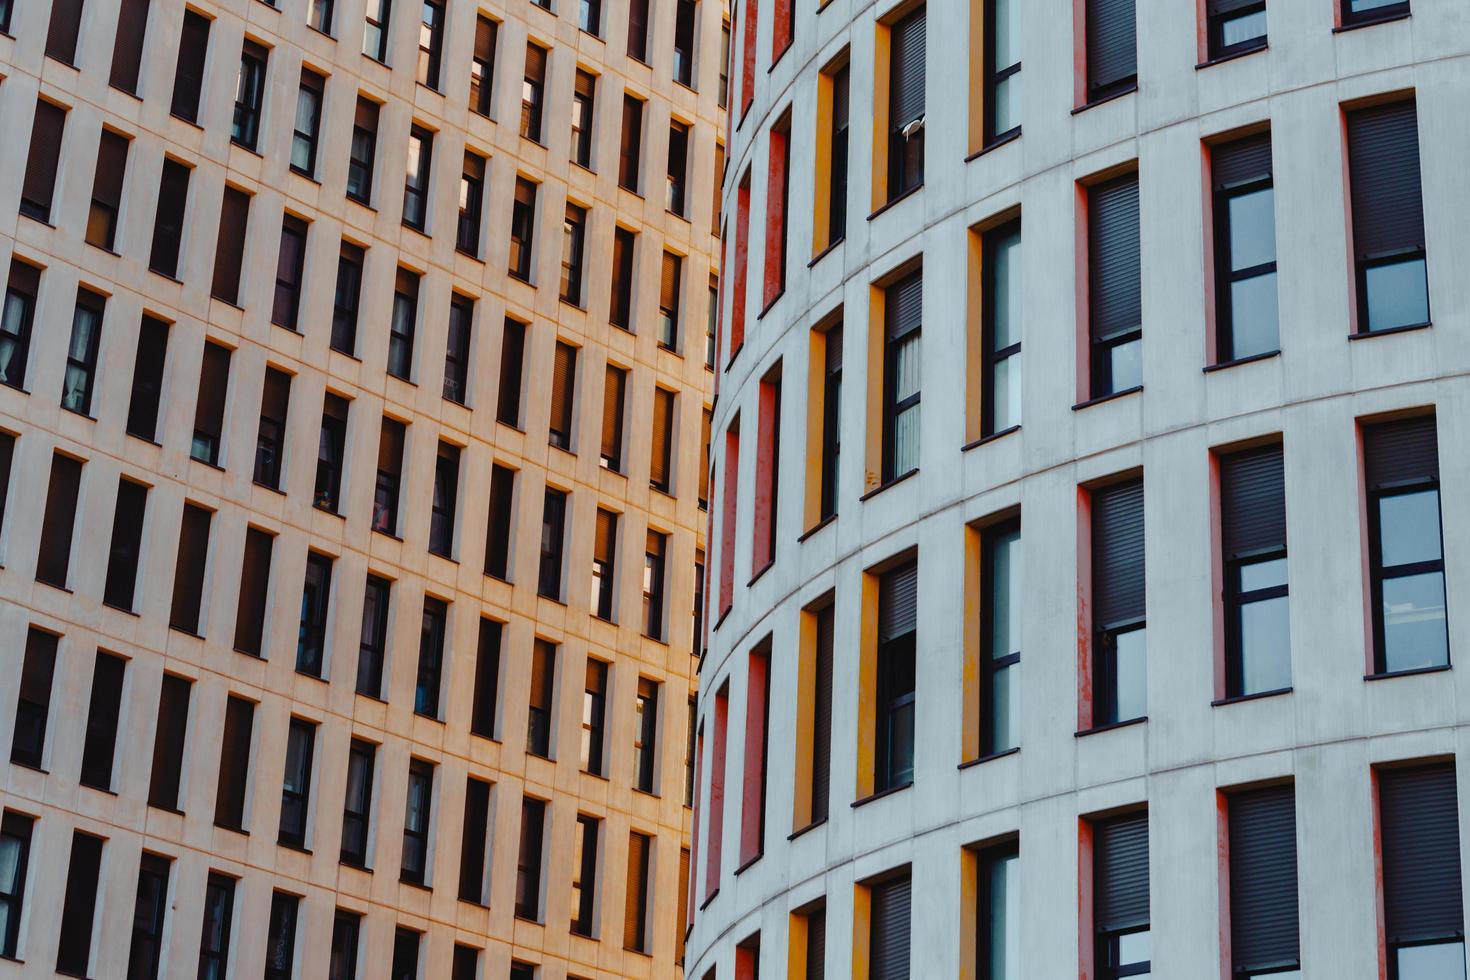 gebouwen in een stad bij zonsondergang foto